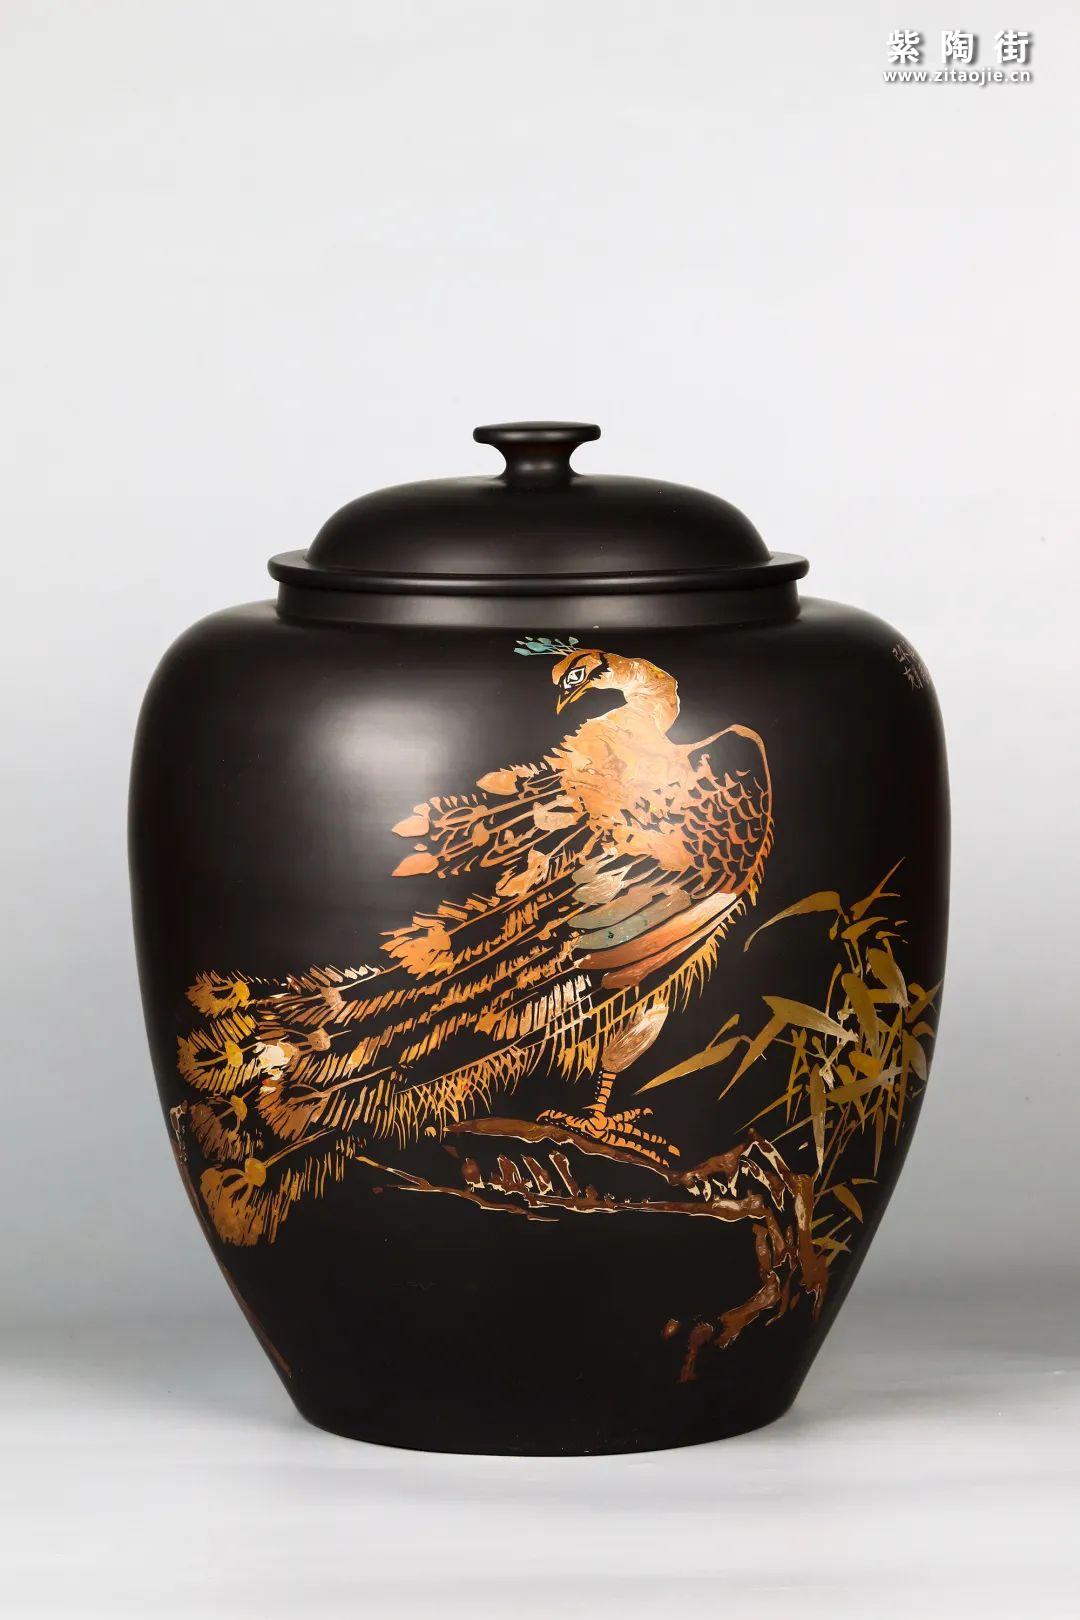 花鸟装饰的建水紫陶茶缸插图18